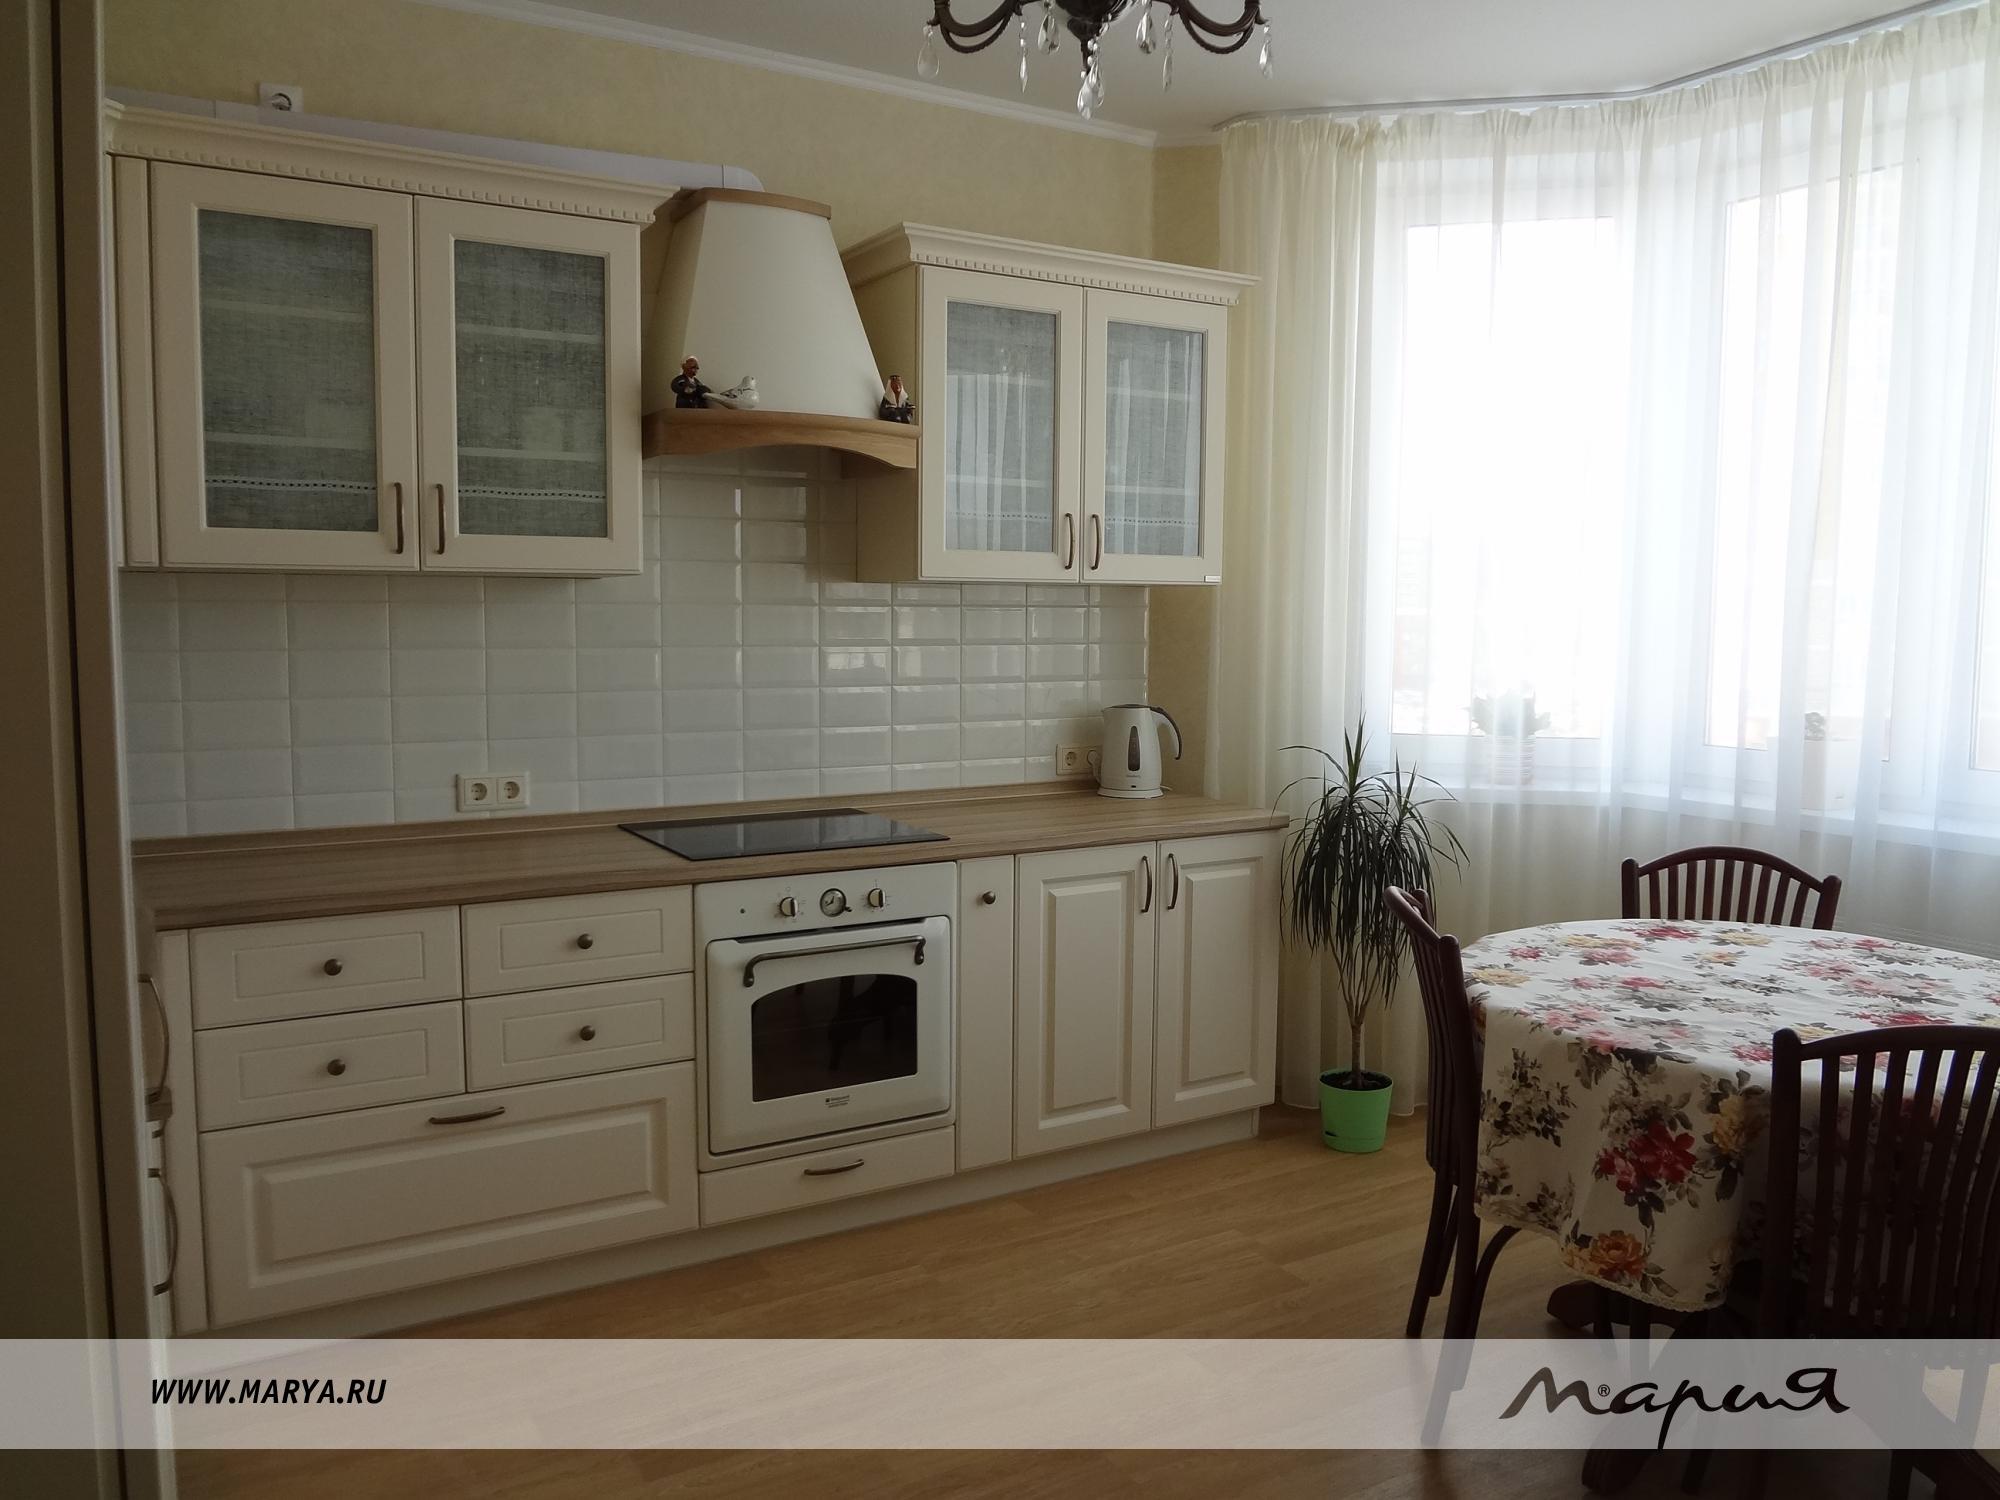 Кухни мария николь в интерьере фото